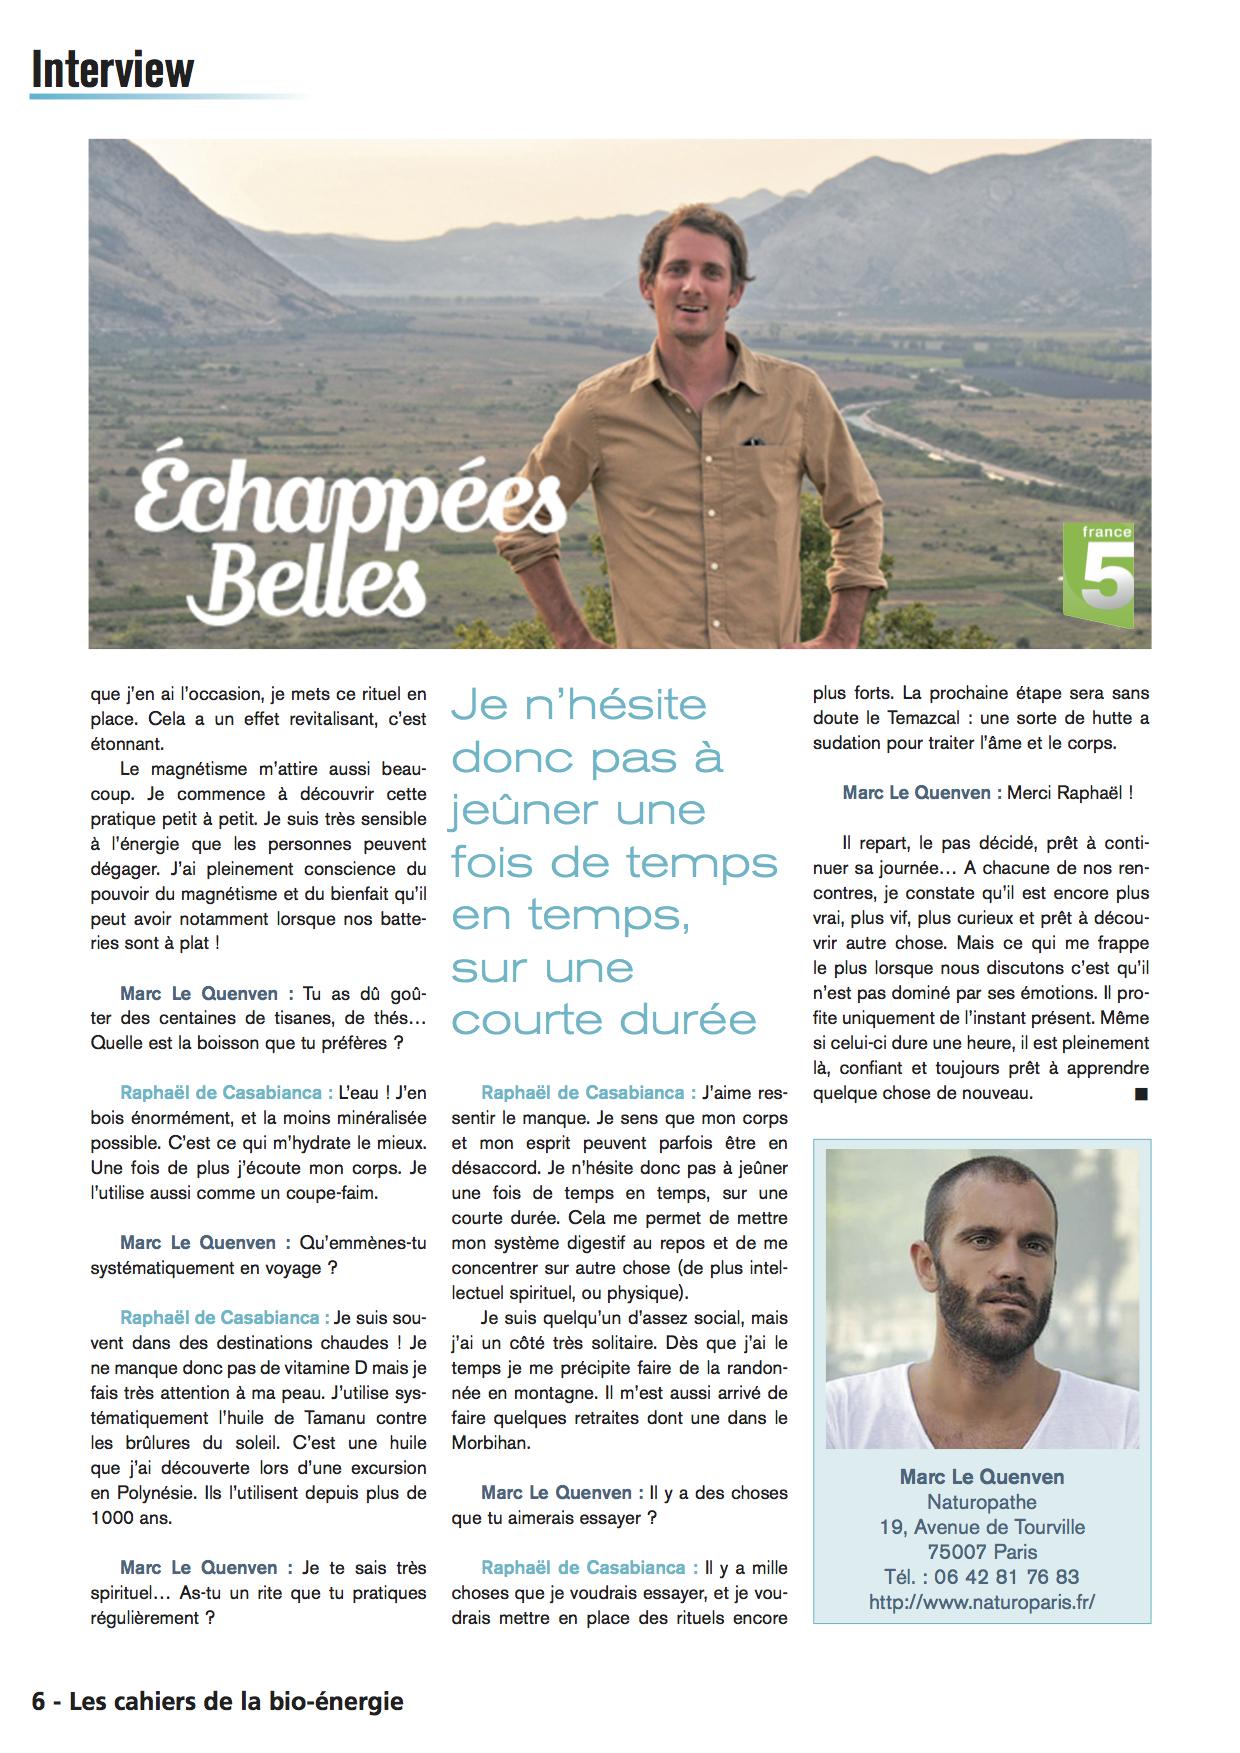 Mon interview bien tre par marc le quenven naturopathe - Raphael de casabianca en couple ...